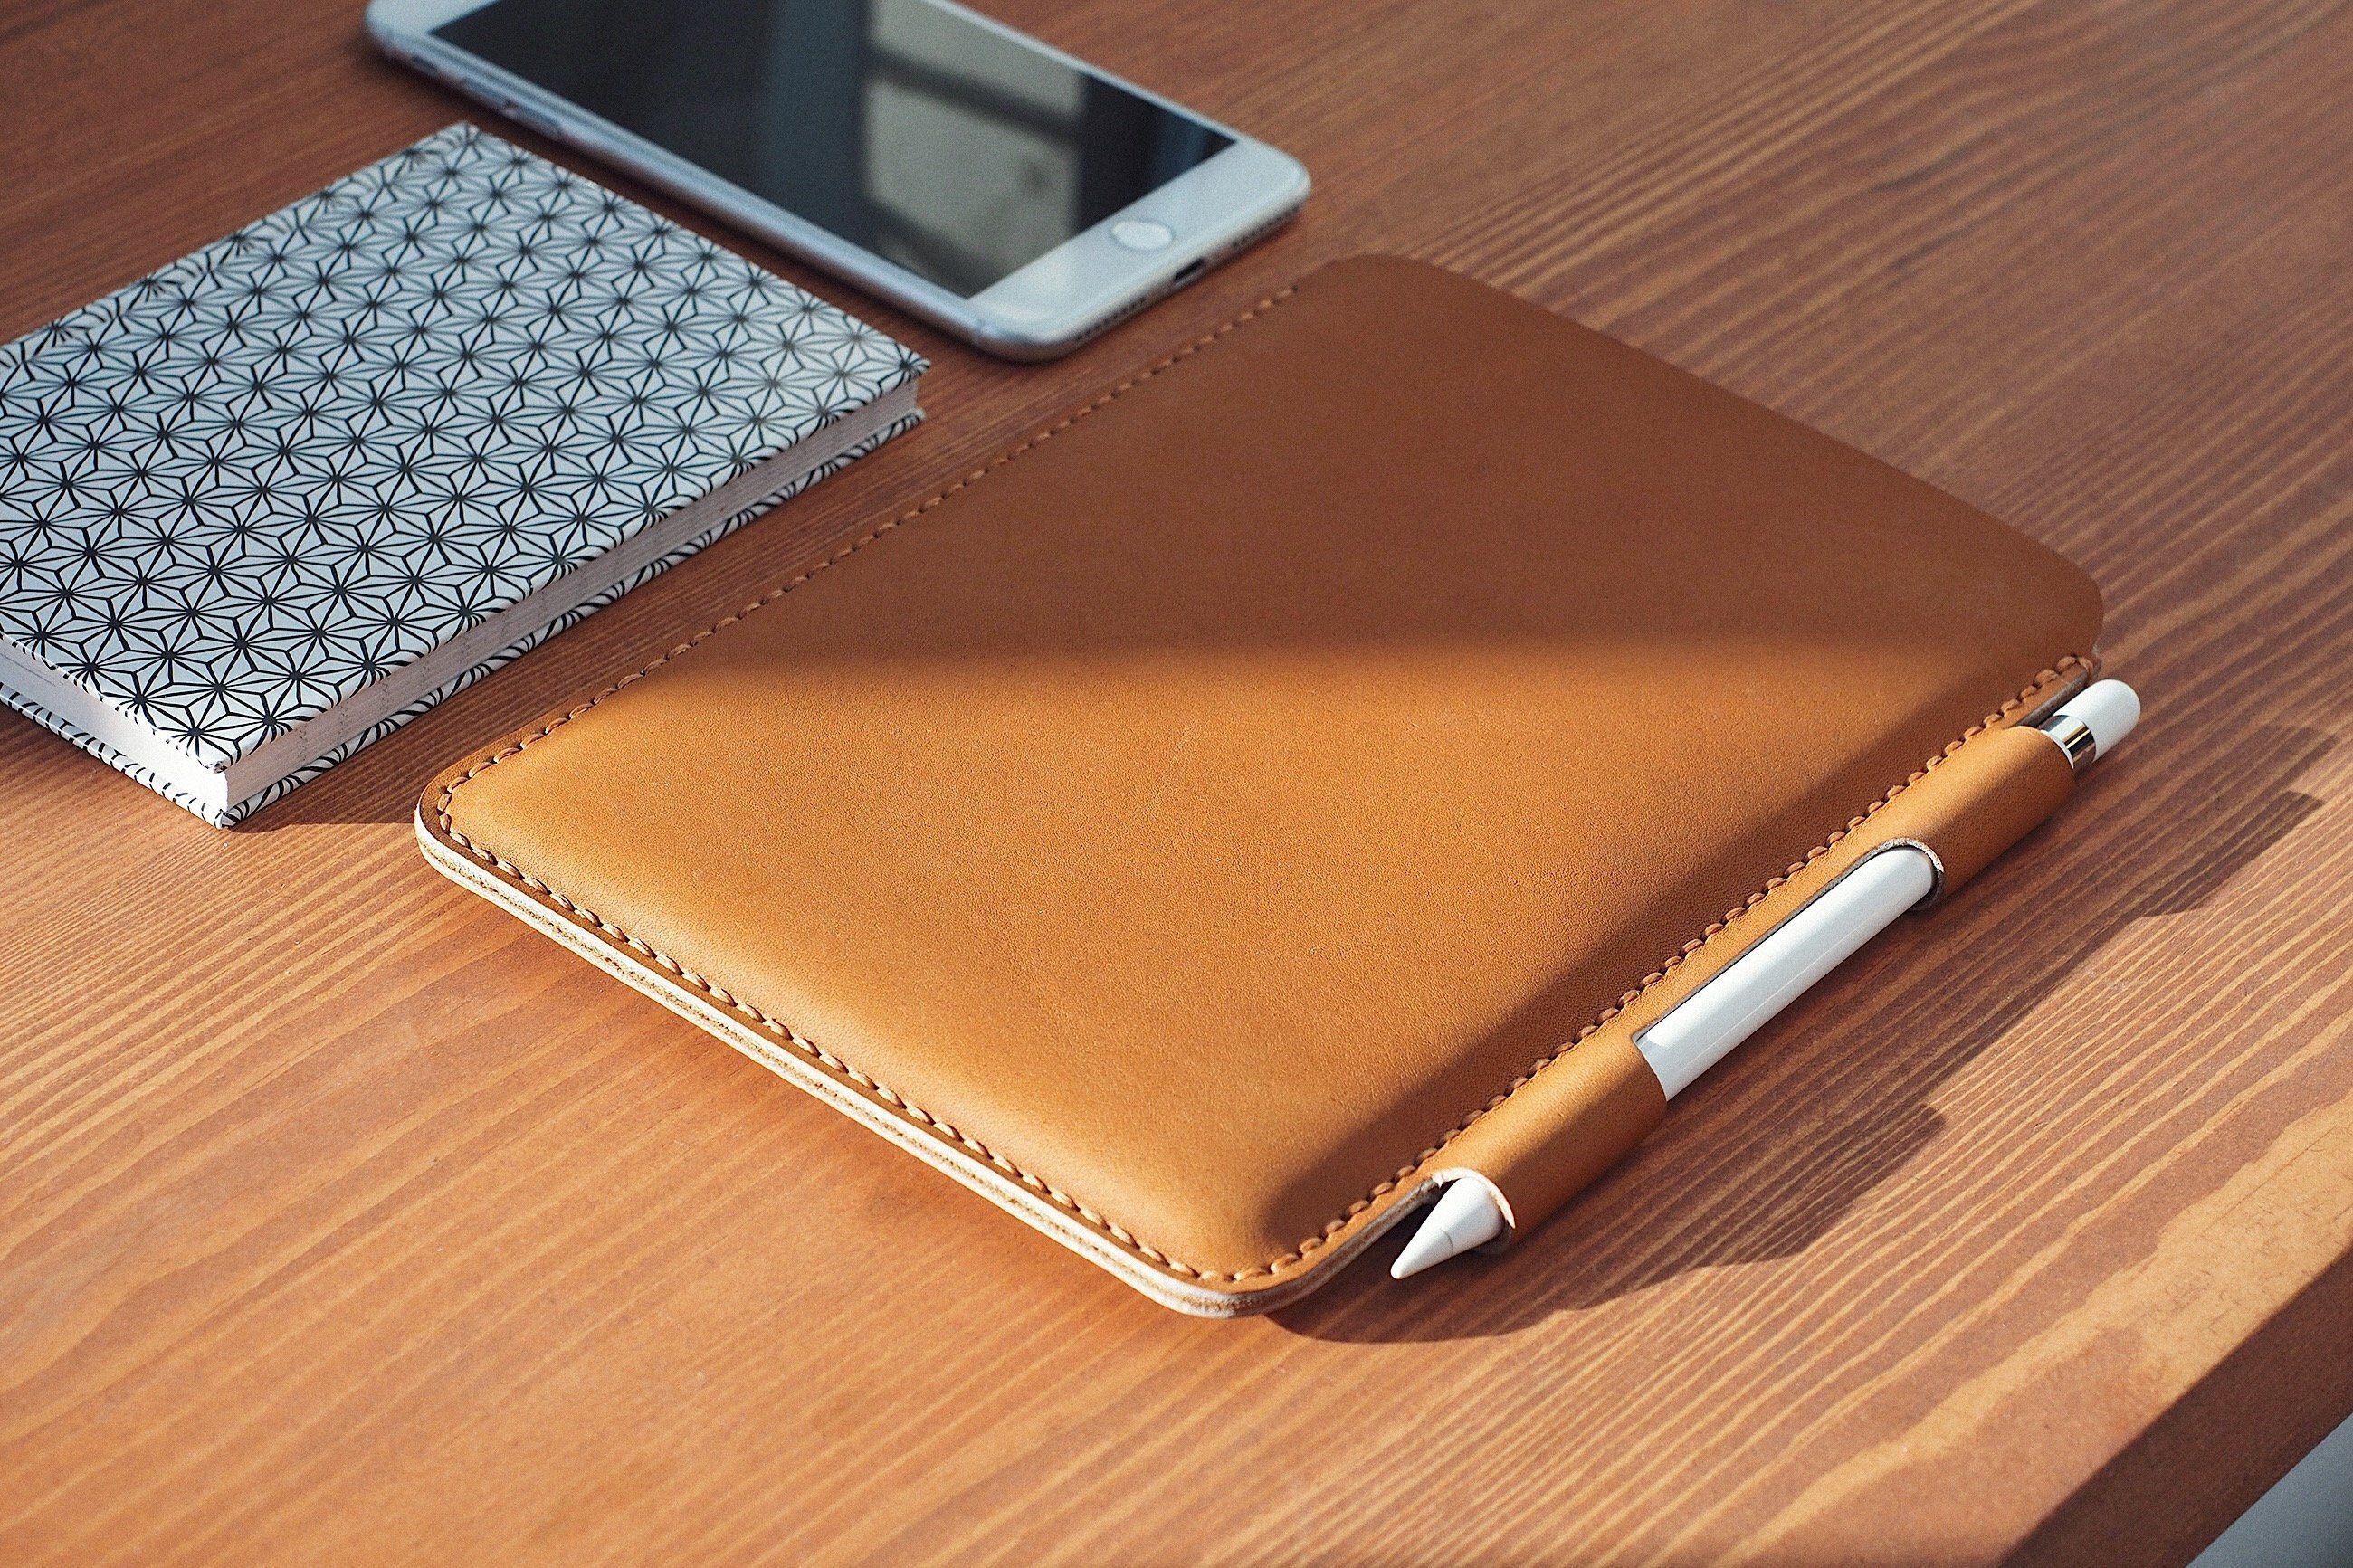 b2aa21e4092ed2b0d0ab719da40d52ba - How To Get Apple Pencil To Work On Ipad Mini